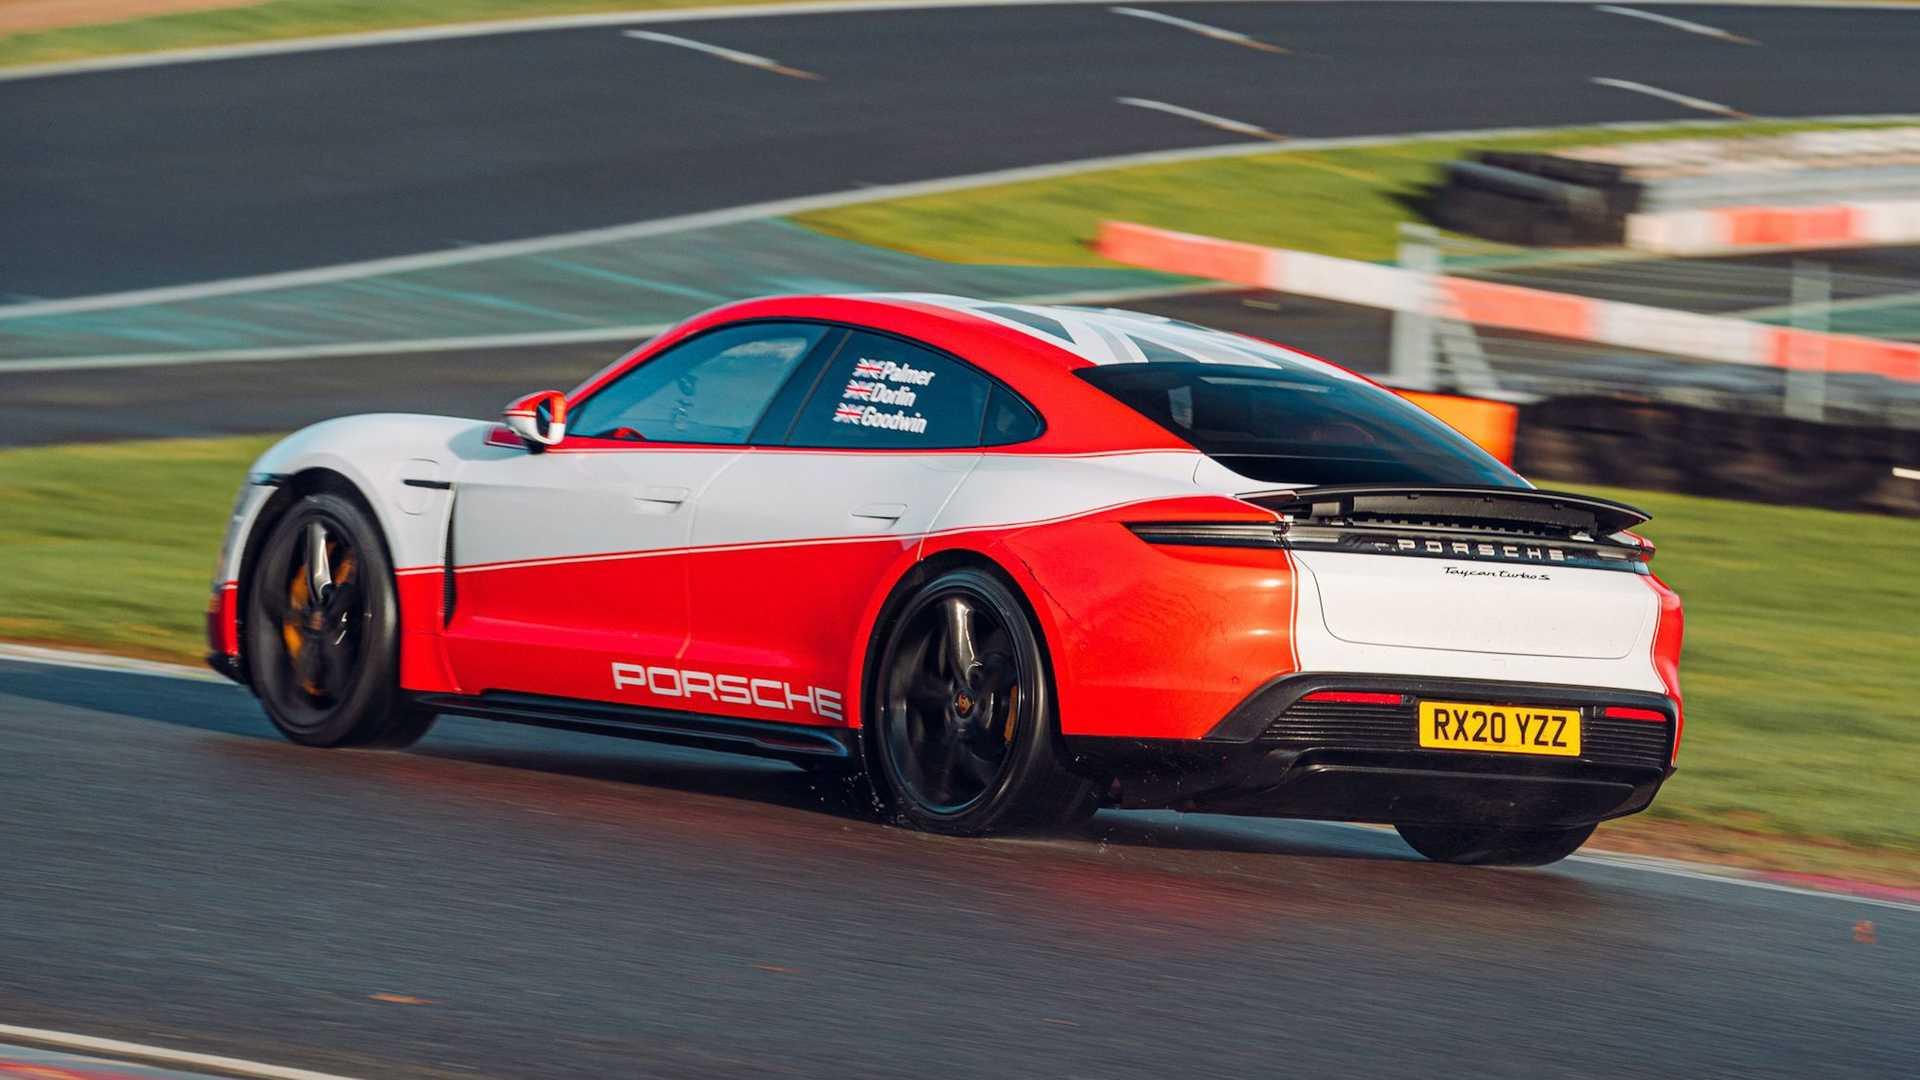 Porsche-Taycan-At-Brands-Hatch-Circuit-16